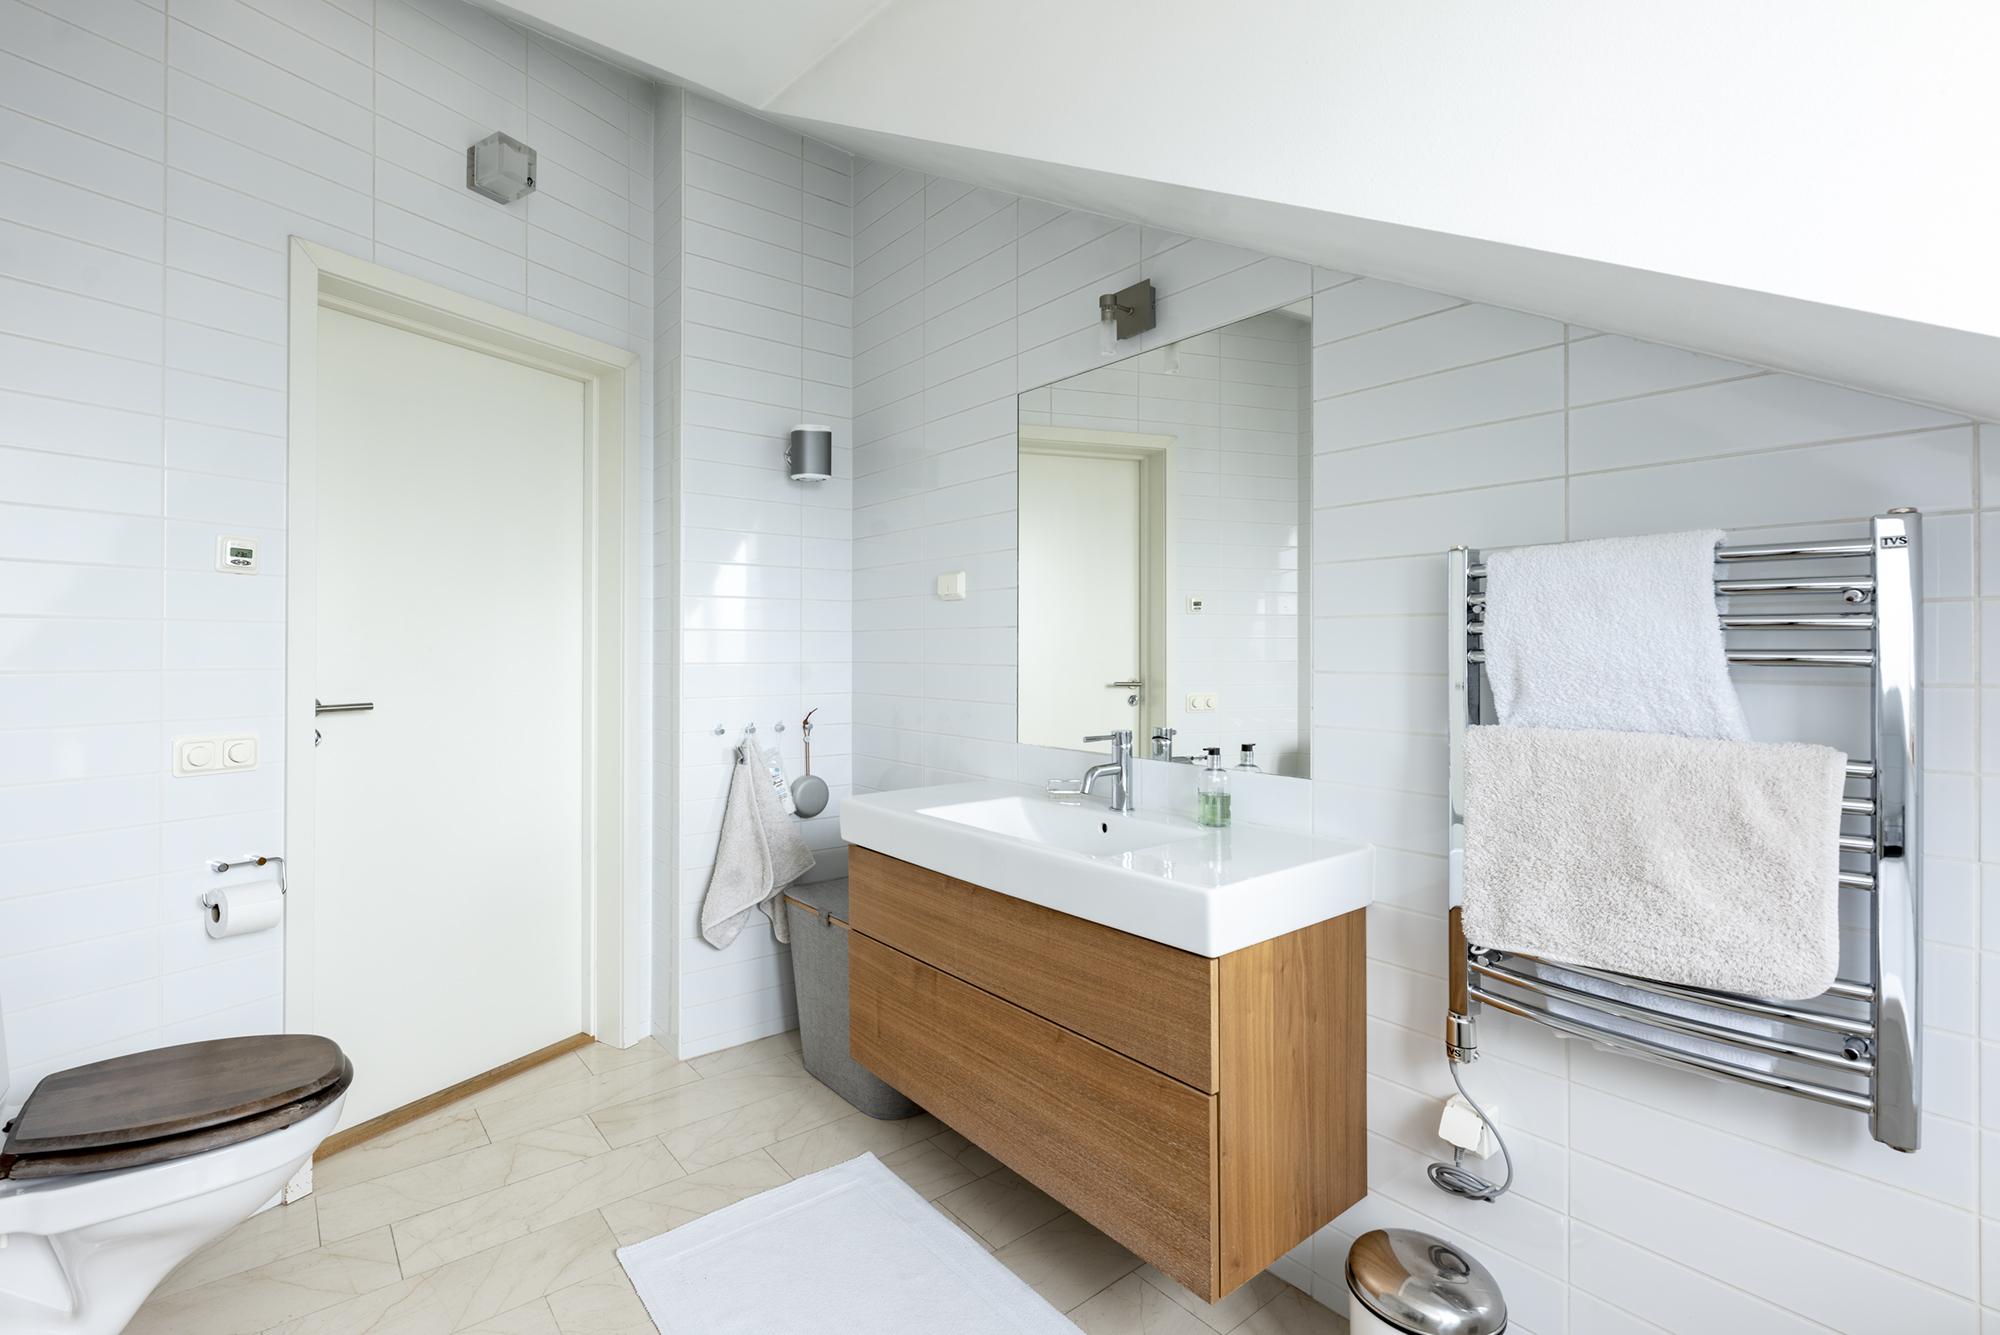 Badrum på entréplan med tvättställ med kommod från Aspen och  infälld spegel.